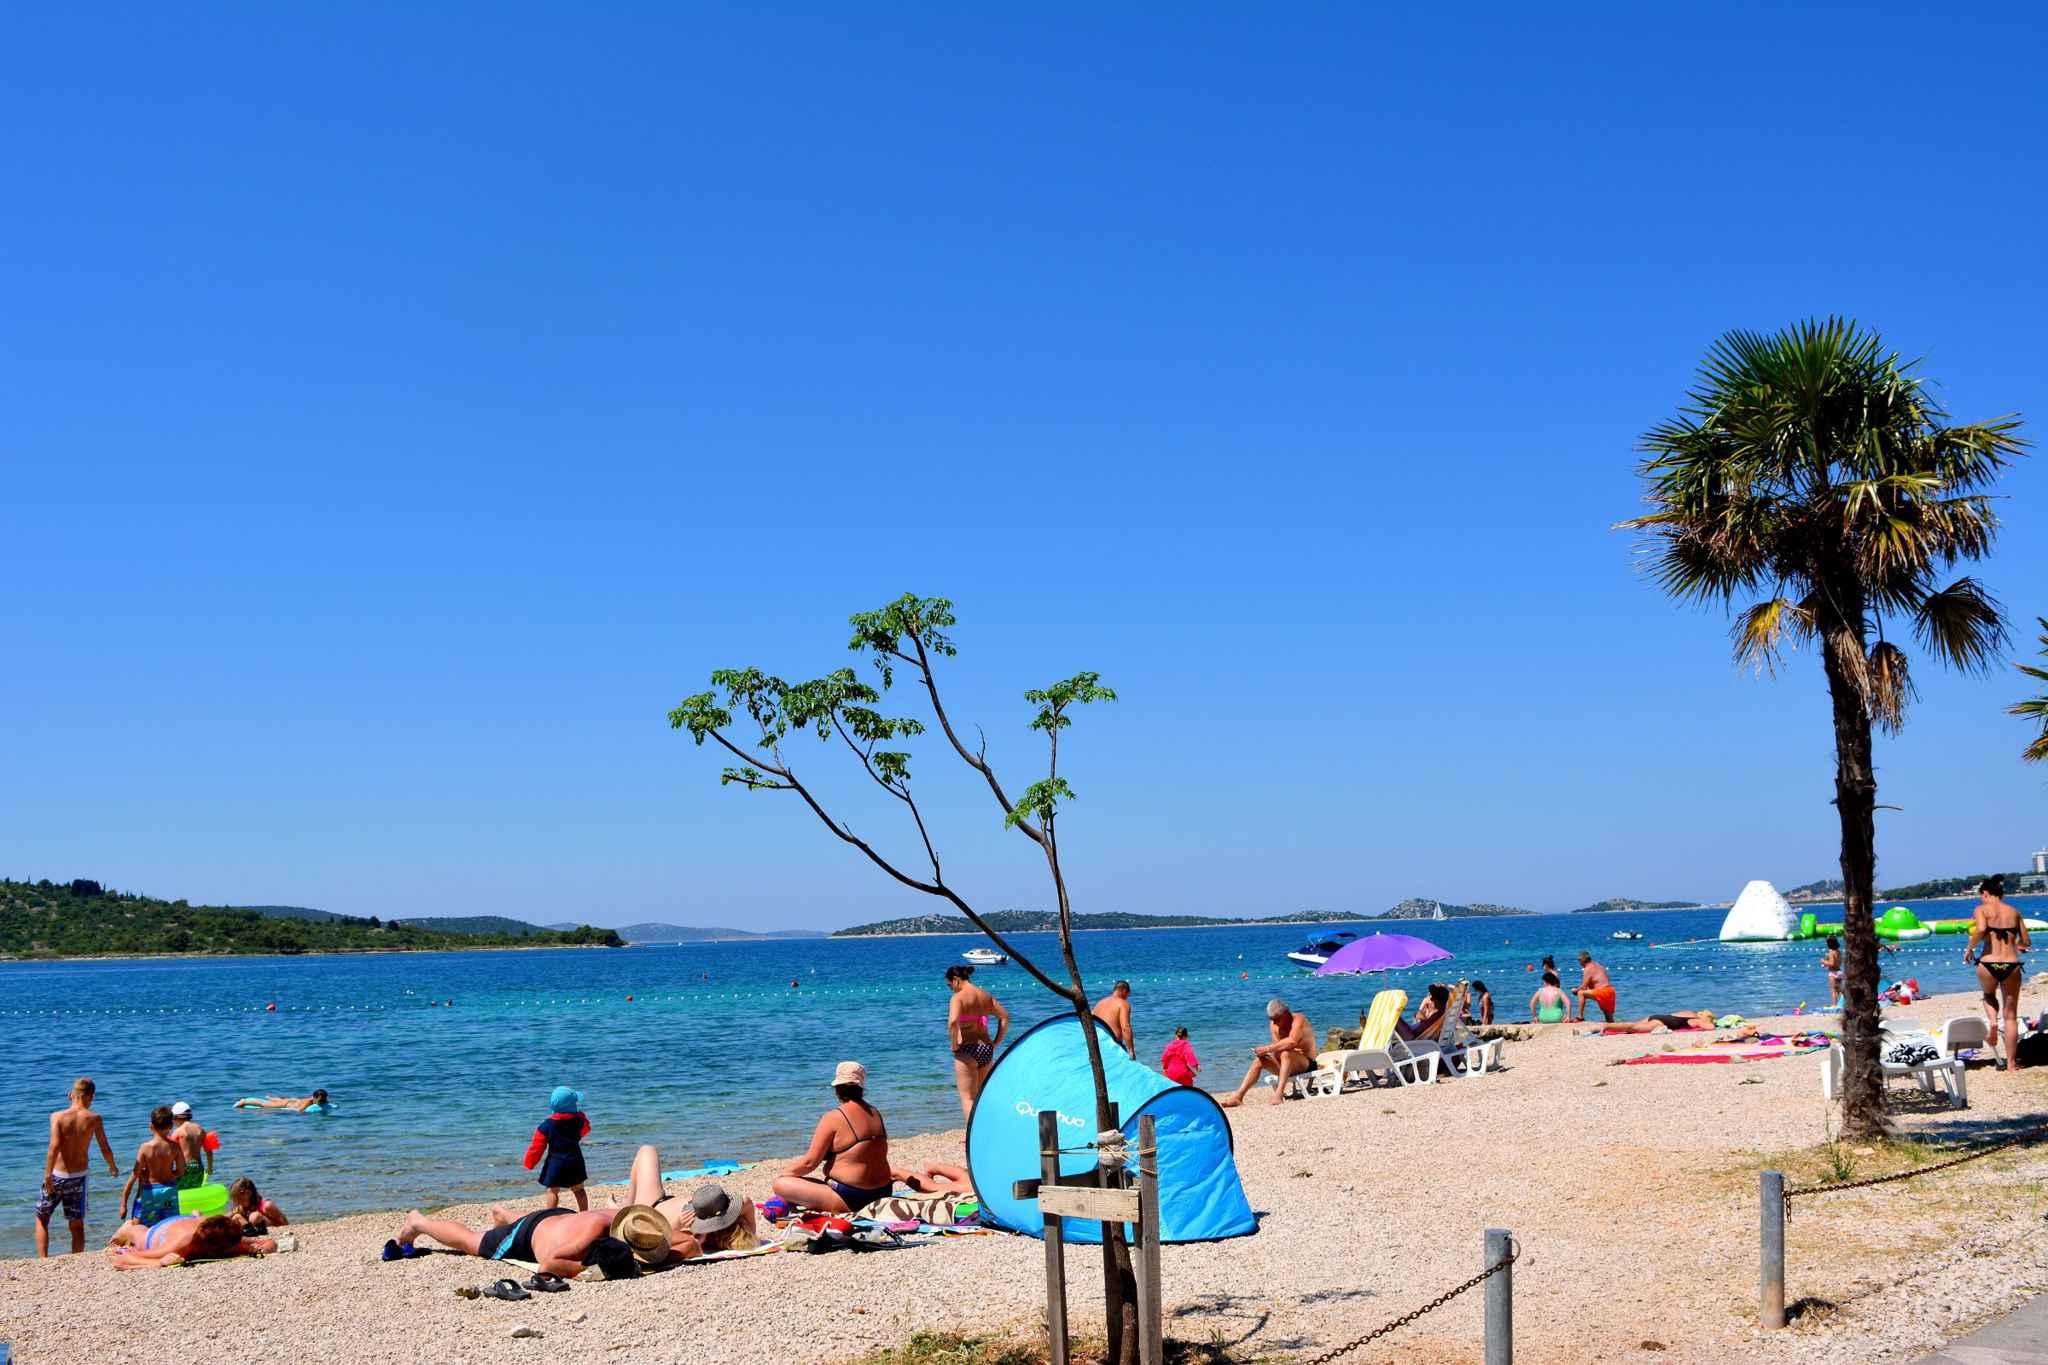 Ferienwohnung mit Internet in der Nähe der Adria (278861), Vodice, , Dalmatien, Kroatien, Bild 6